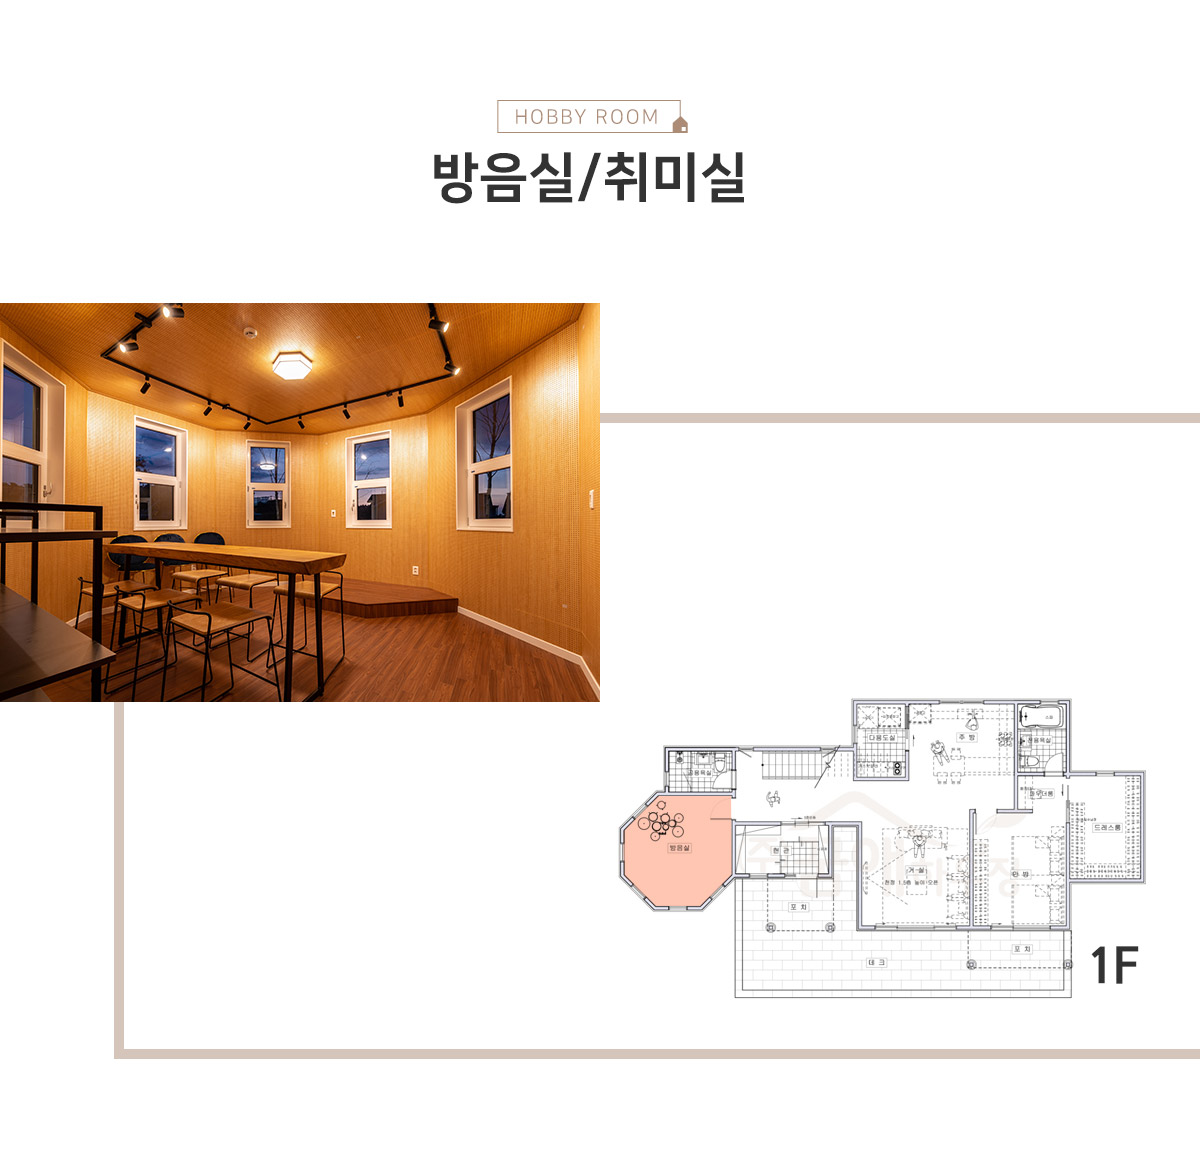 007_hobby-room_방음실_군산_명신전기_01.jpg